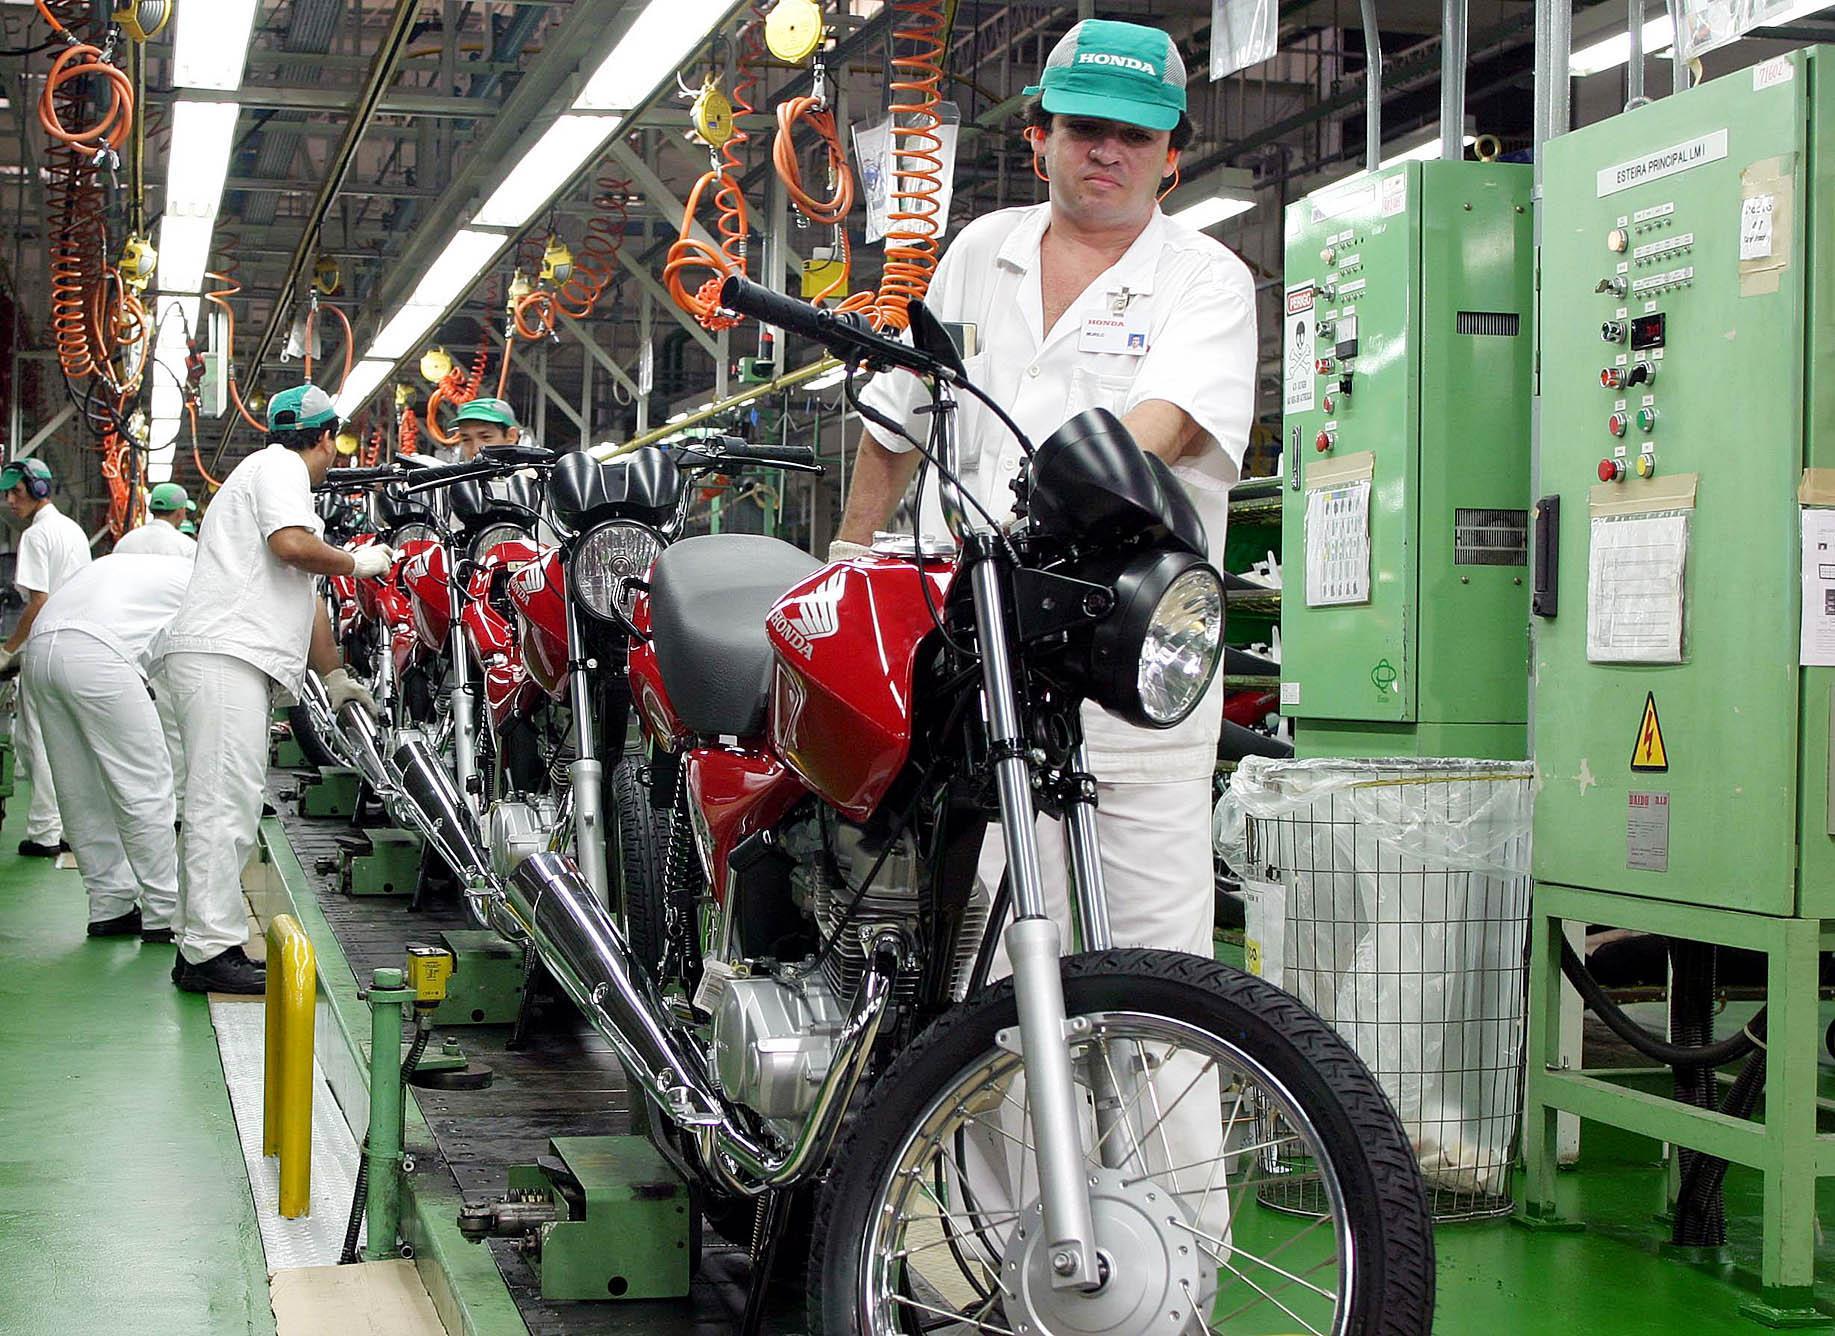 ECONOMIA EM ALTA: Demanda por bens de consumo duráveis subiu 72,1%, aponta Ipea